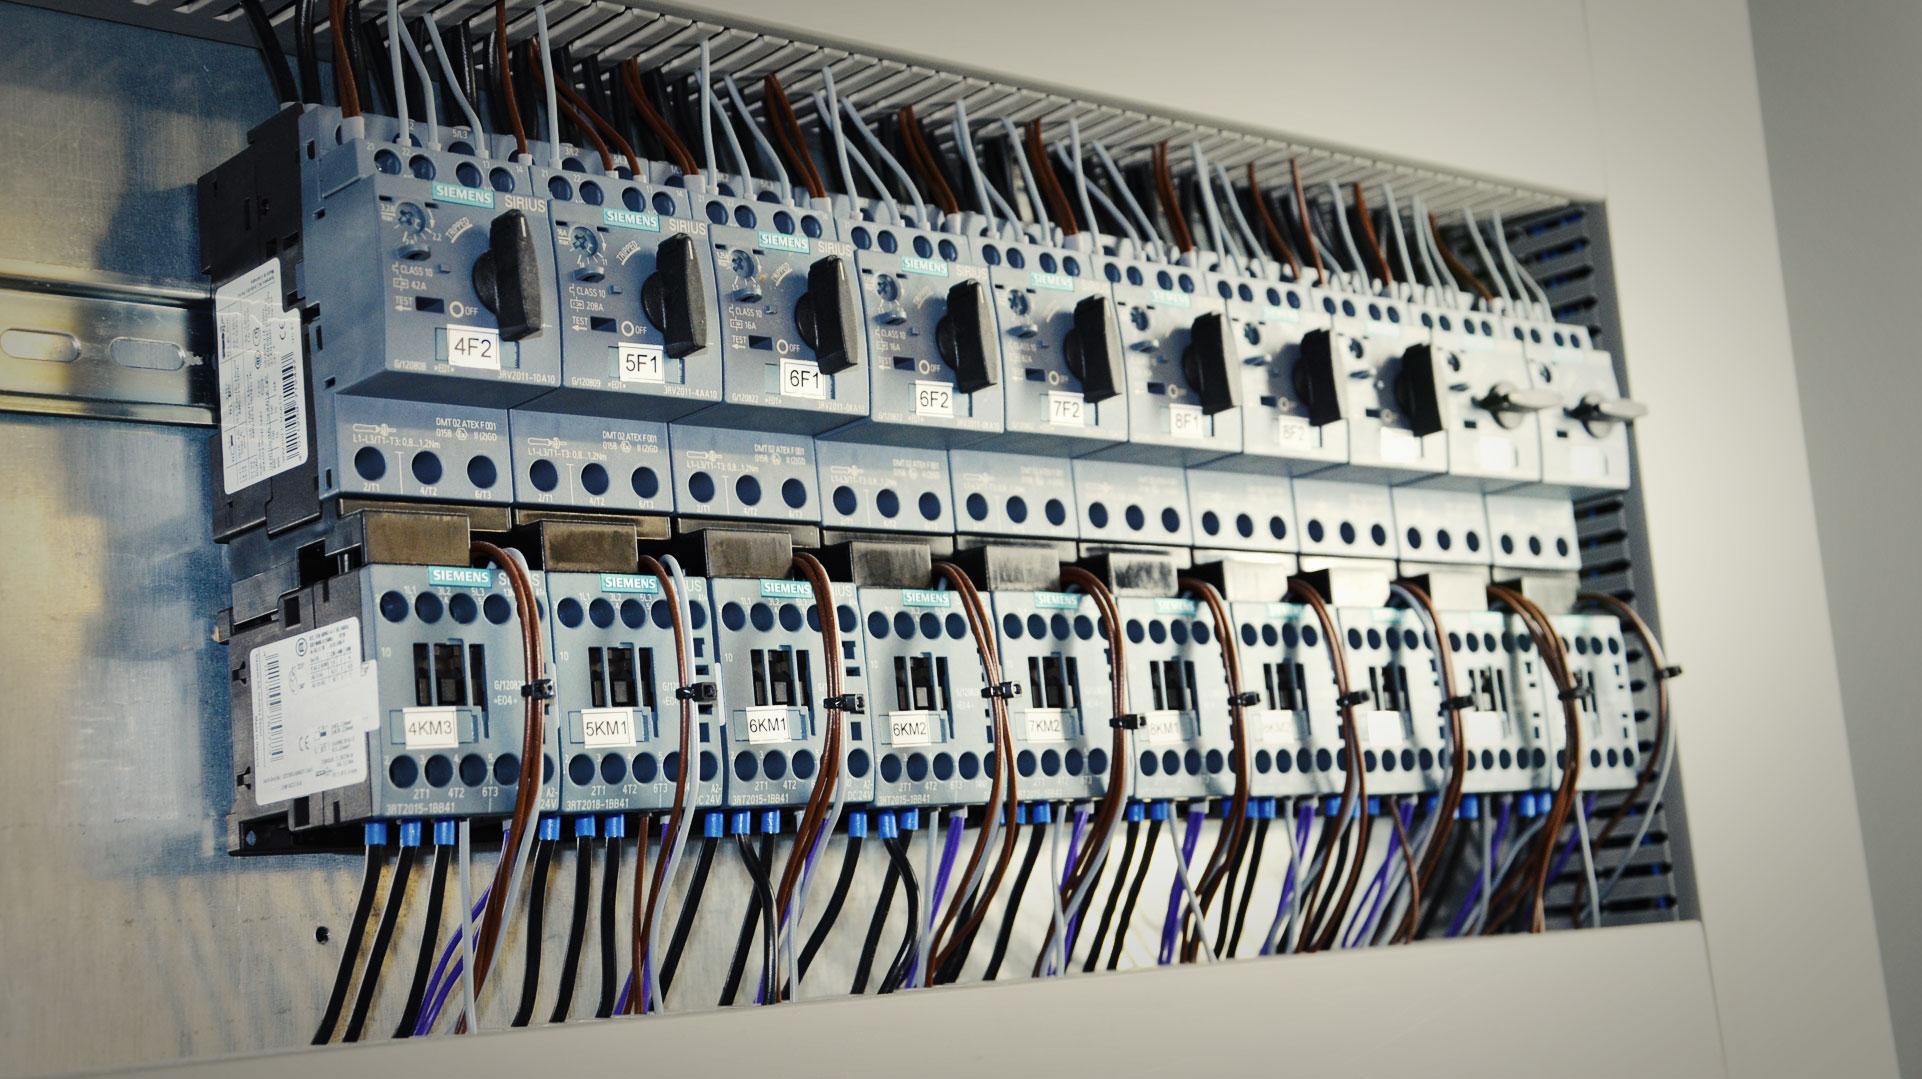 Automatyka przemysłowa - DB Project - Siemens Sirius